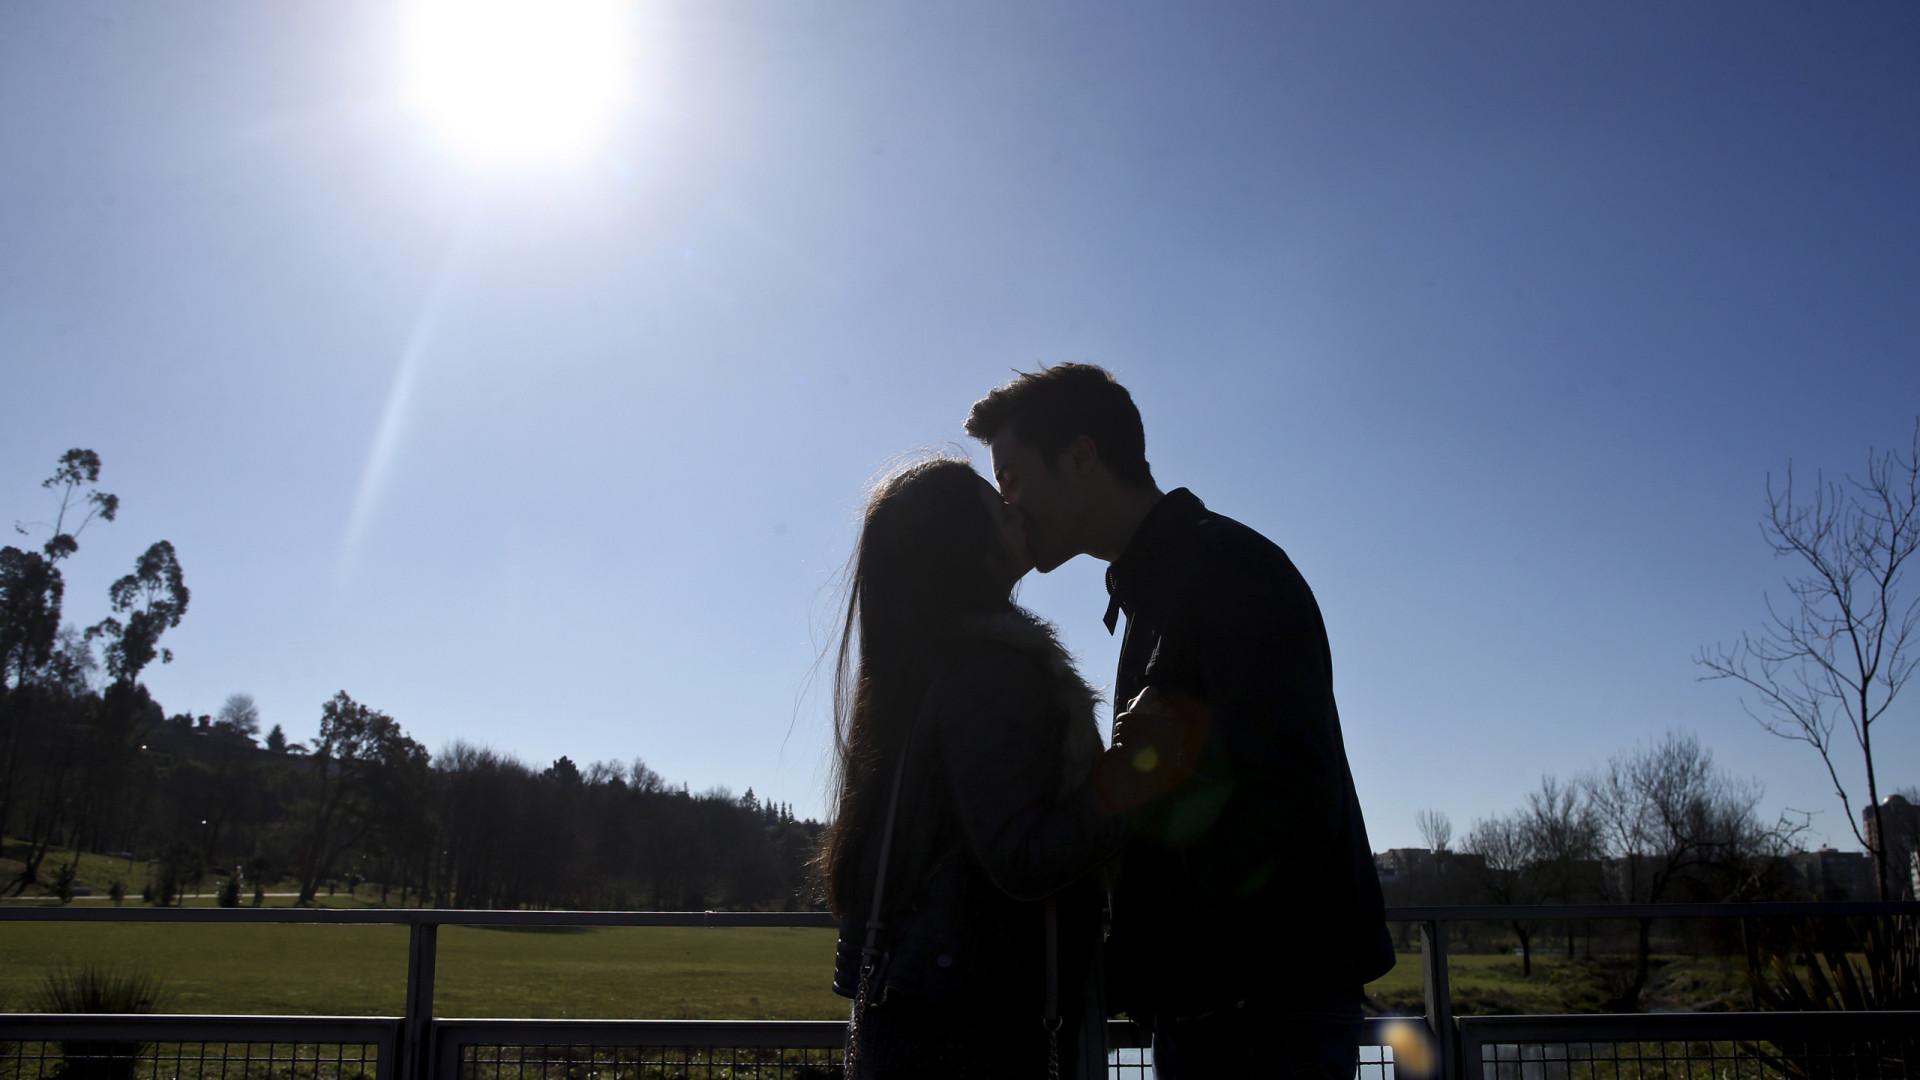 Novas regras da UE para casais internacionais entram em vigor